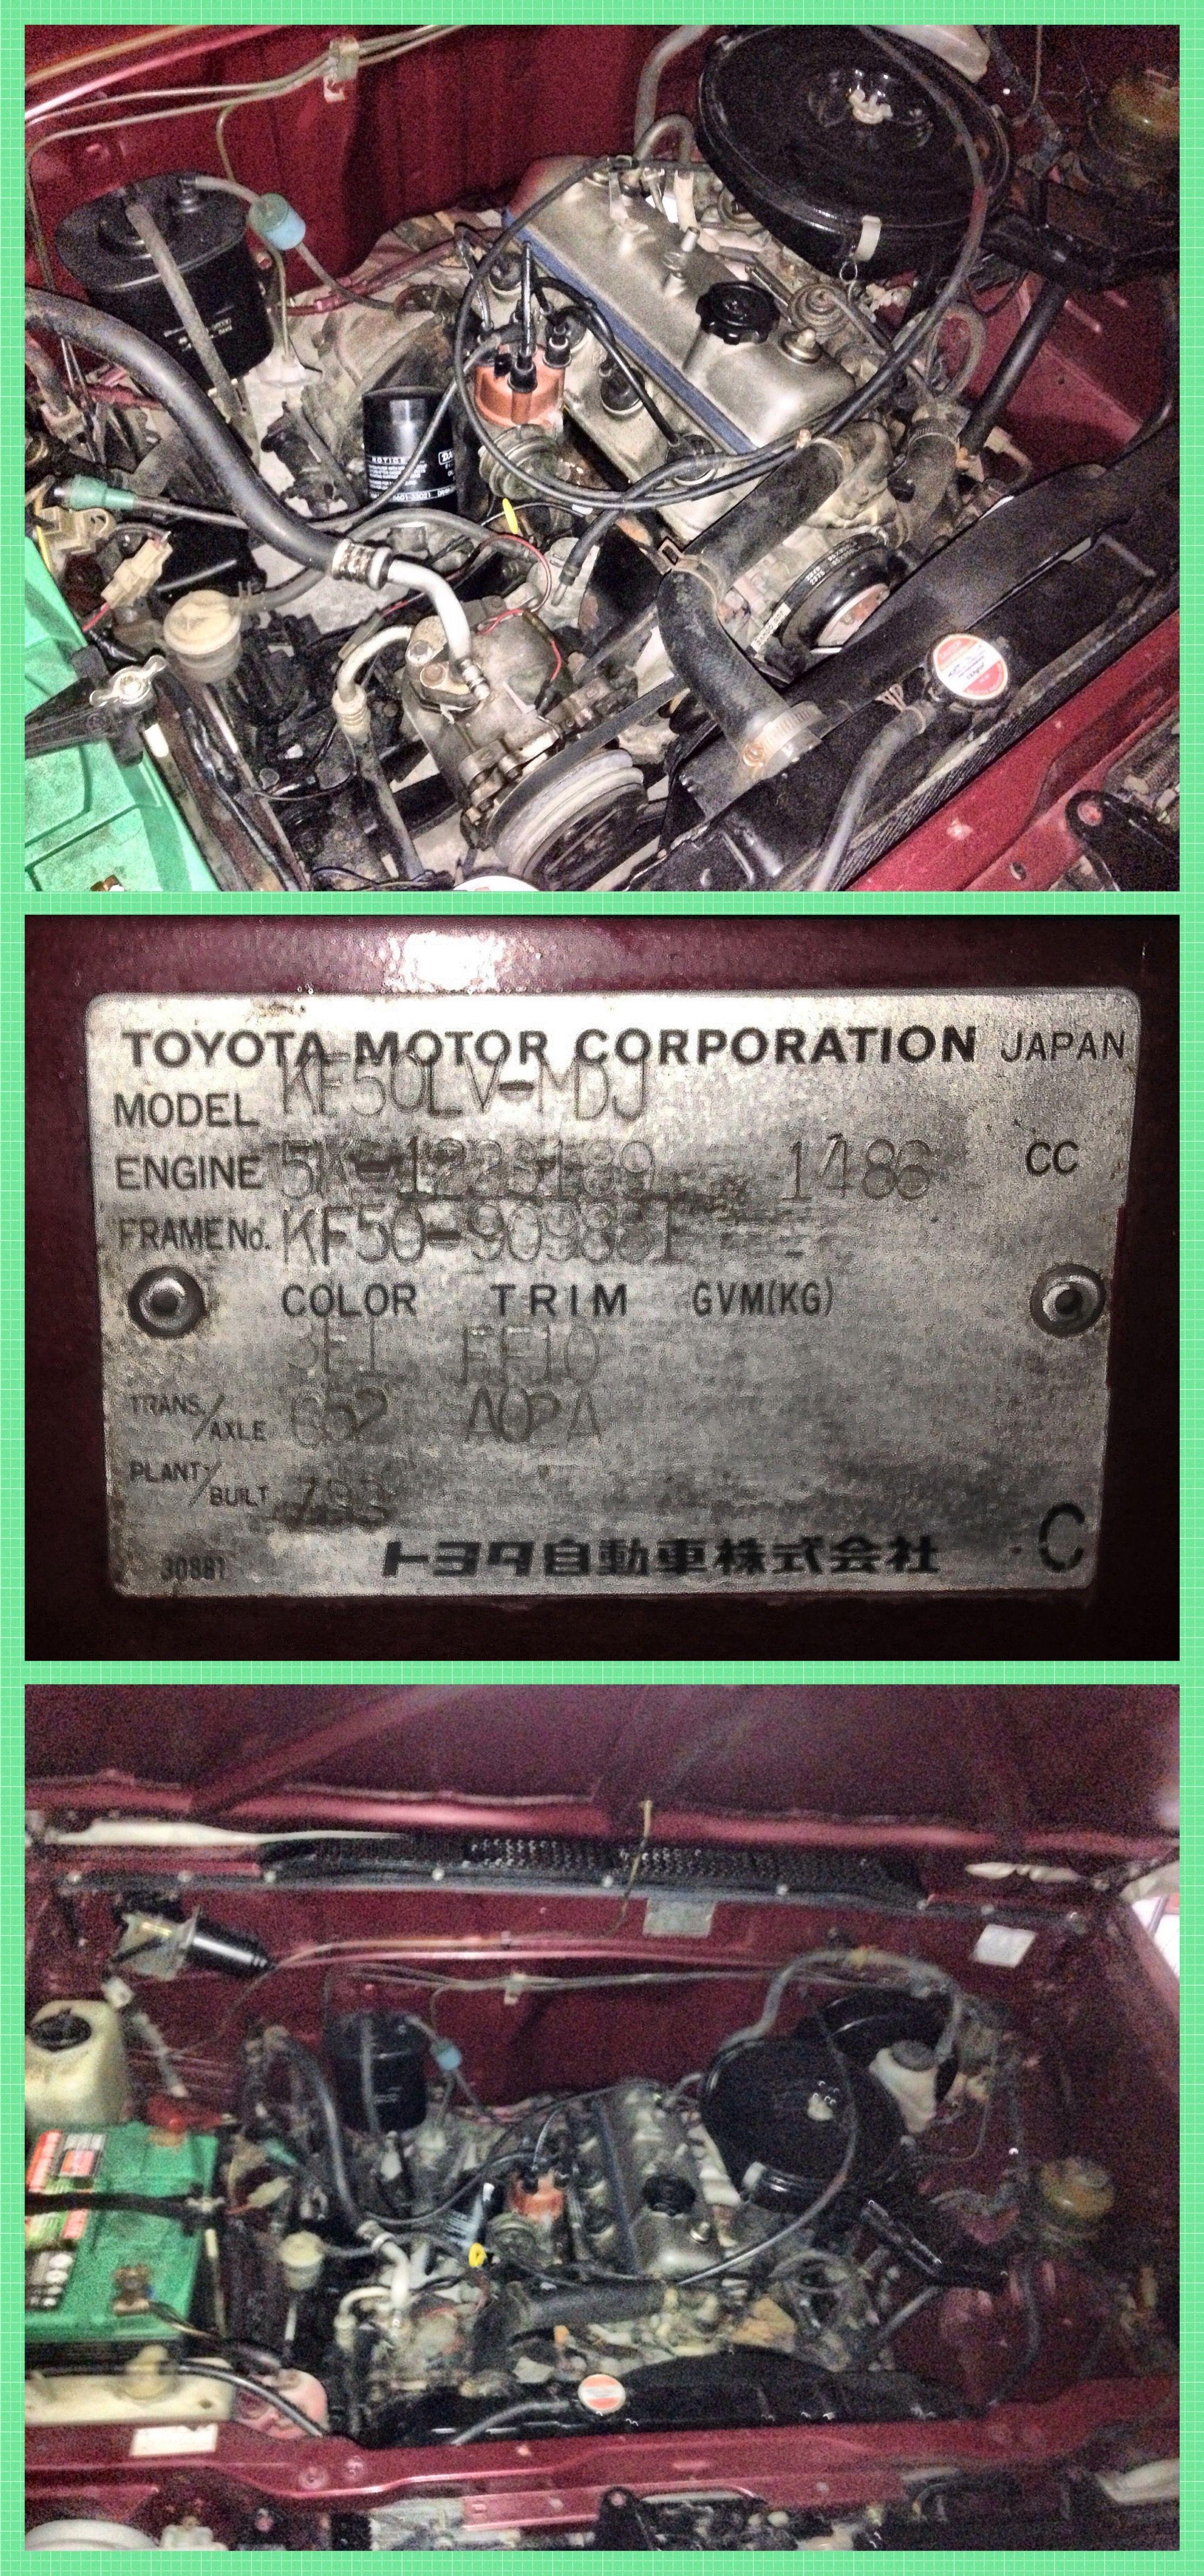 WRG-7447] Wiring Diagram Of Toyota Tamaraw Fx on